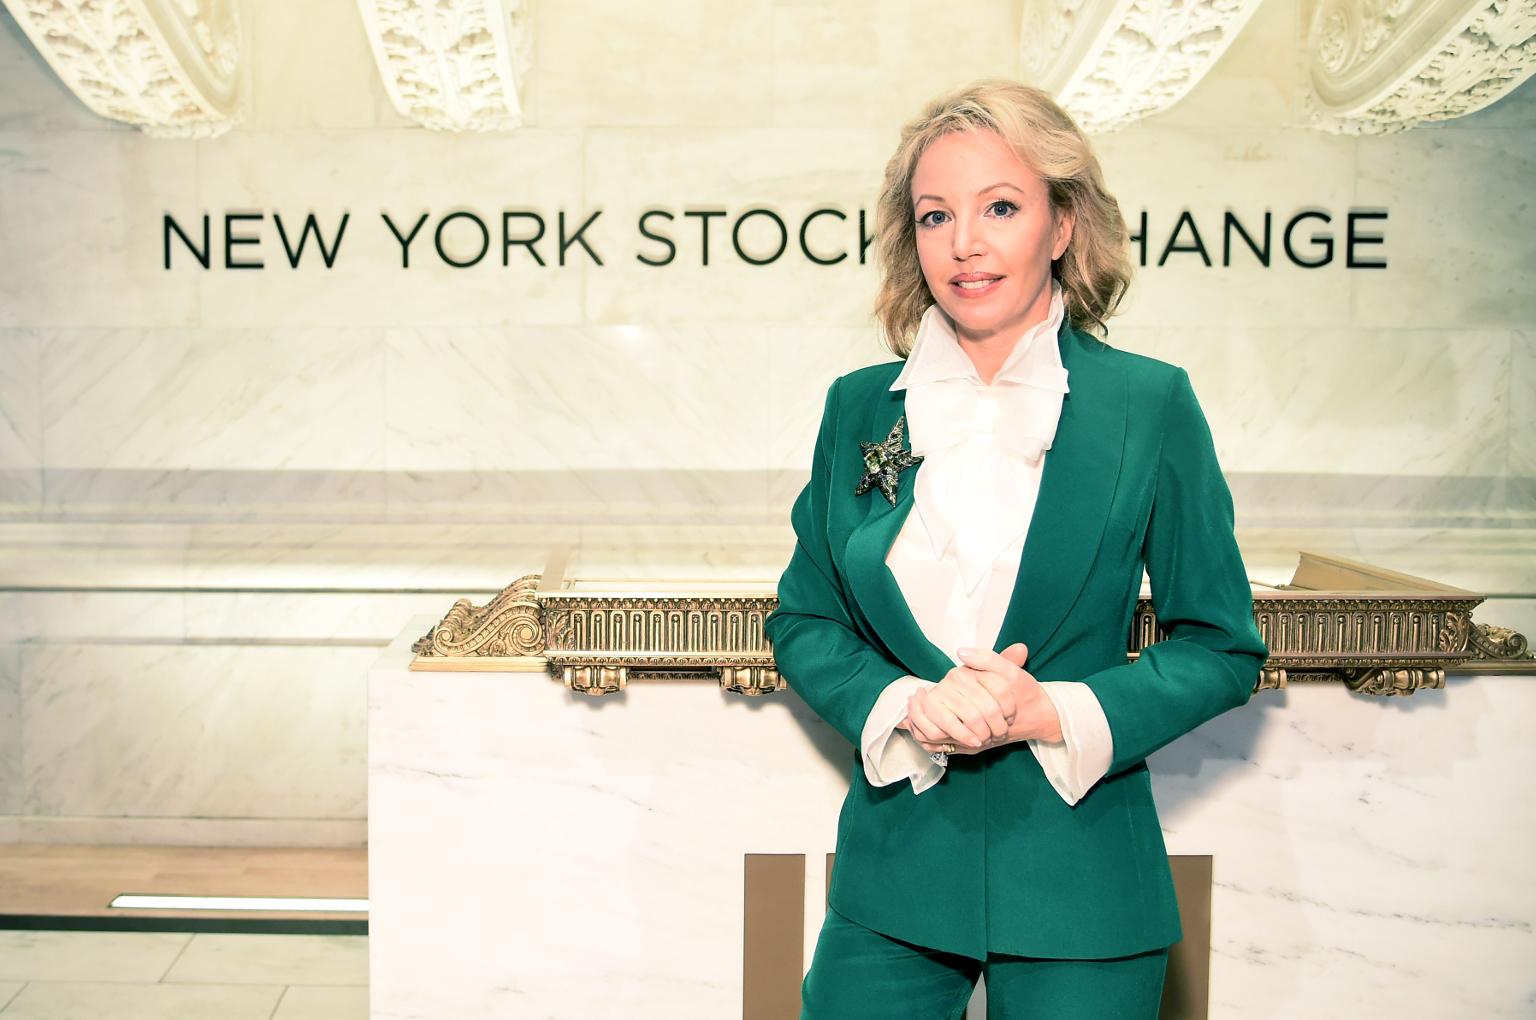 Princess-Camilla-of-Bourbon-Two-Sicilies-at-NYSE